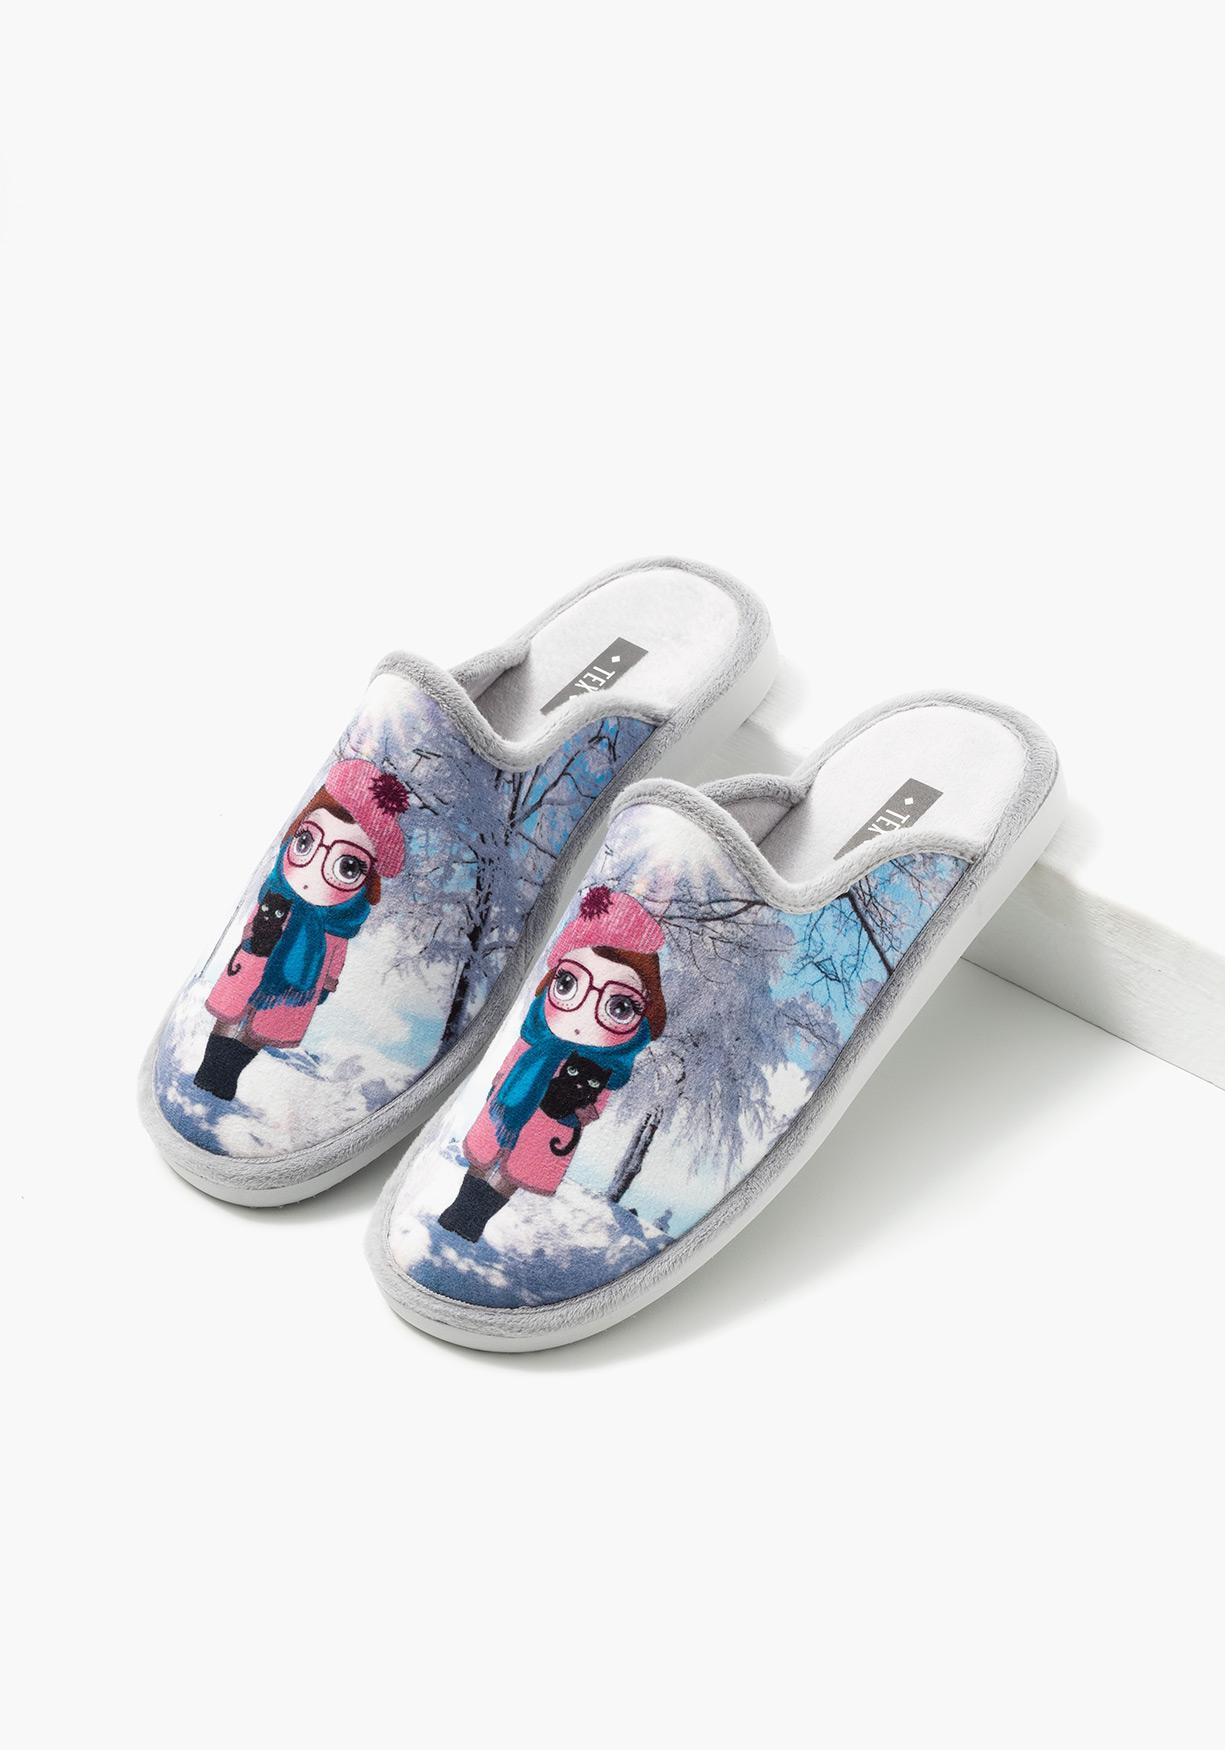 Comprar zapatillas de estar por casa estampadas tex aprov chate de nuestros precios y - Zapatillas casa nino carrefour ...